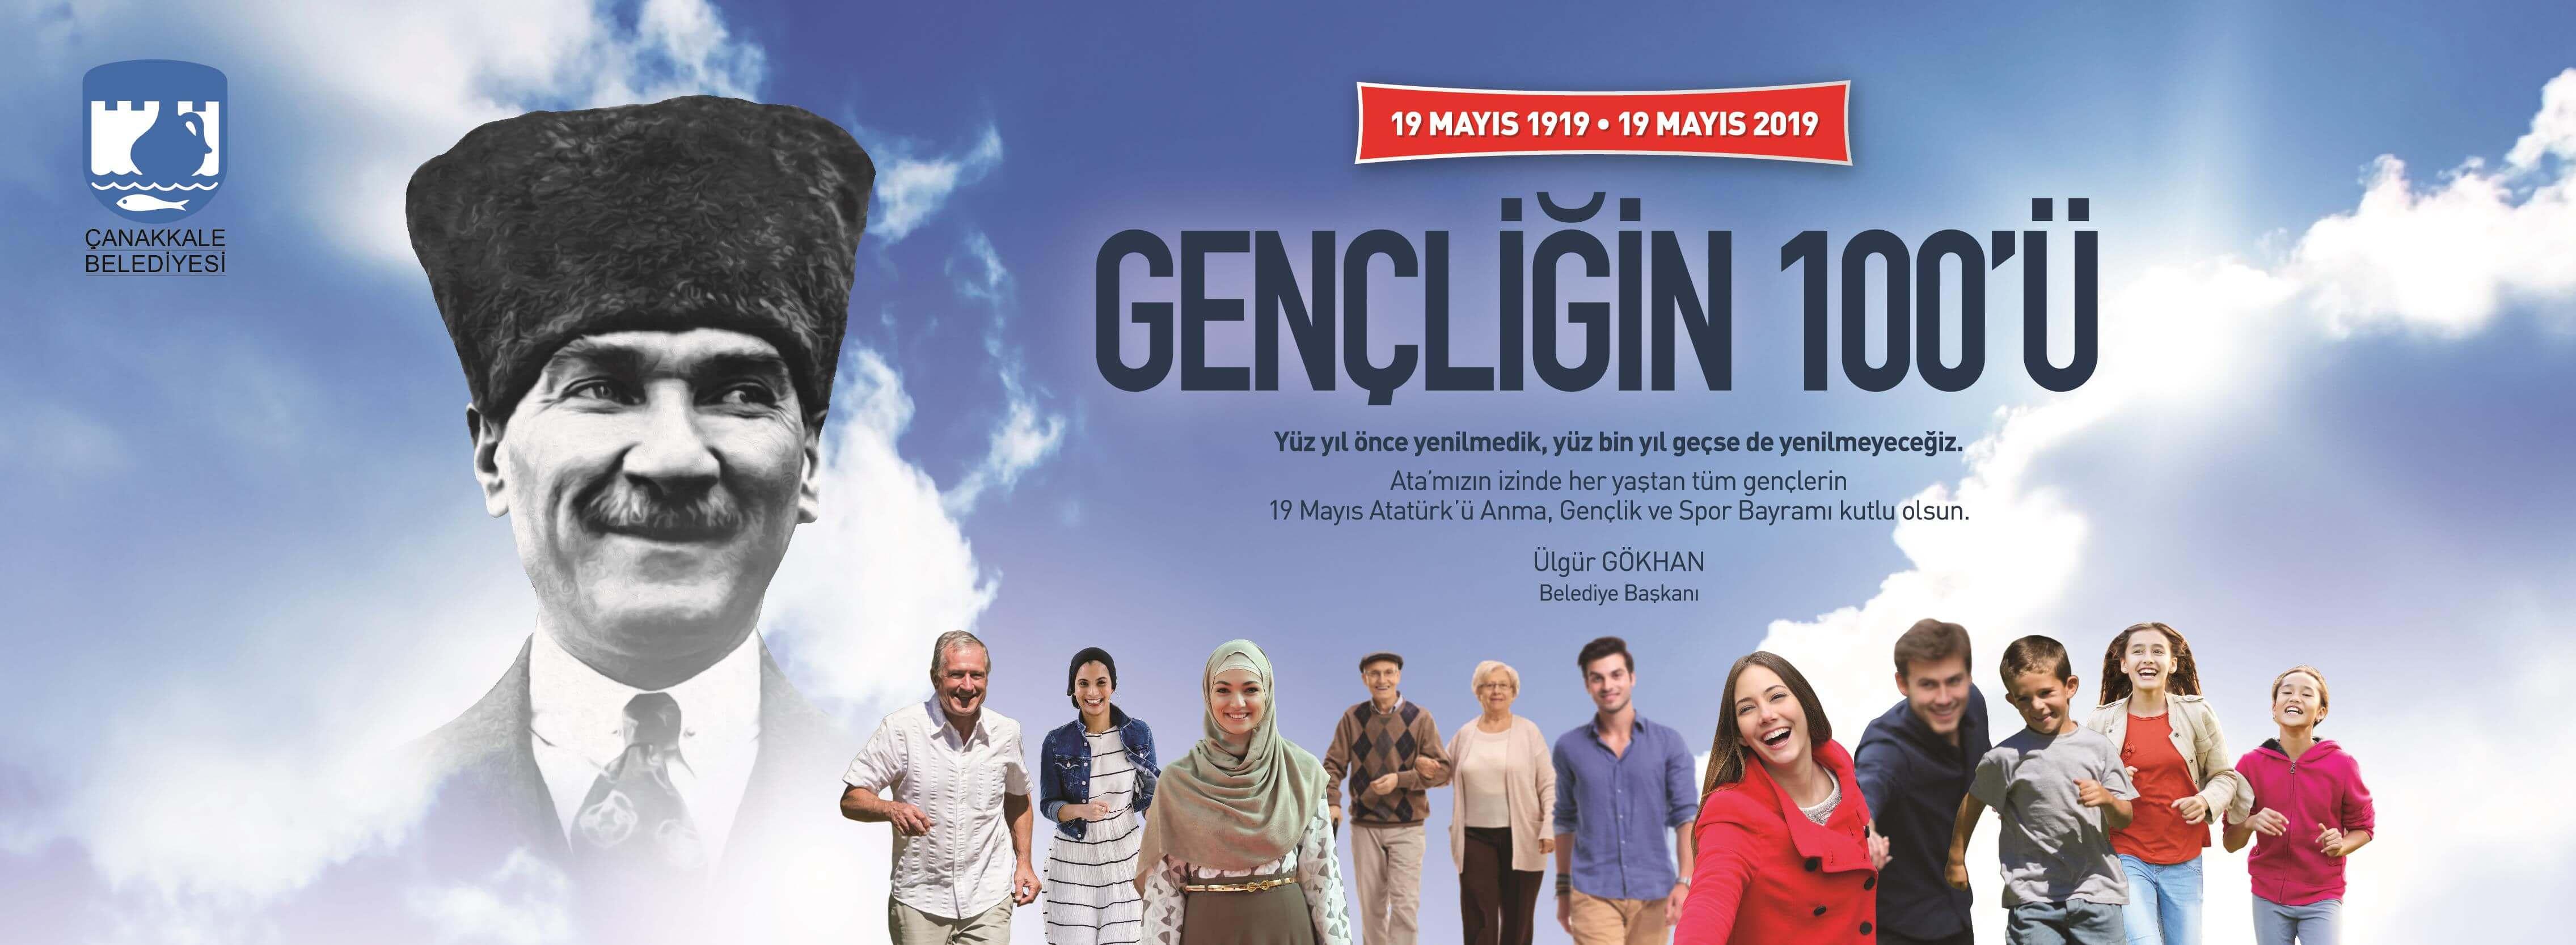 Belediye Başkanı Ülgür Gökhan'ın 19 Mayıs Atatürk'ü Anma, Gençlik ve Spor Bayramı Mesajı...